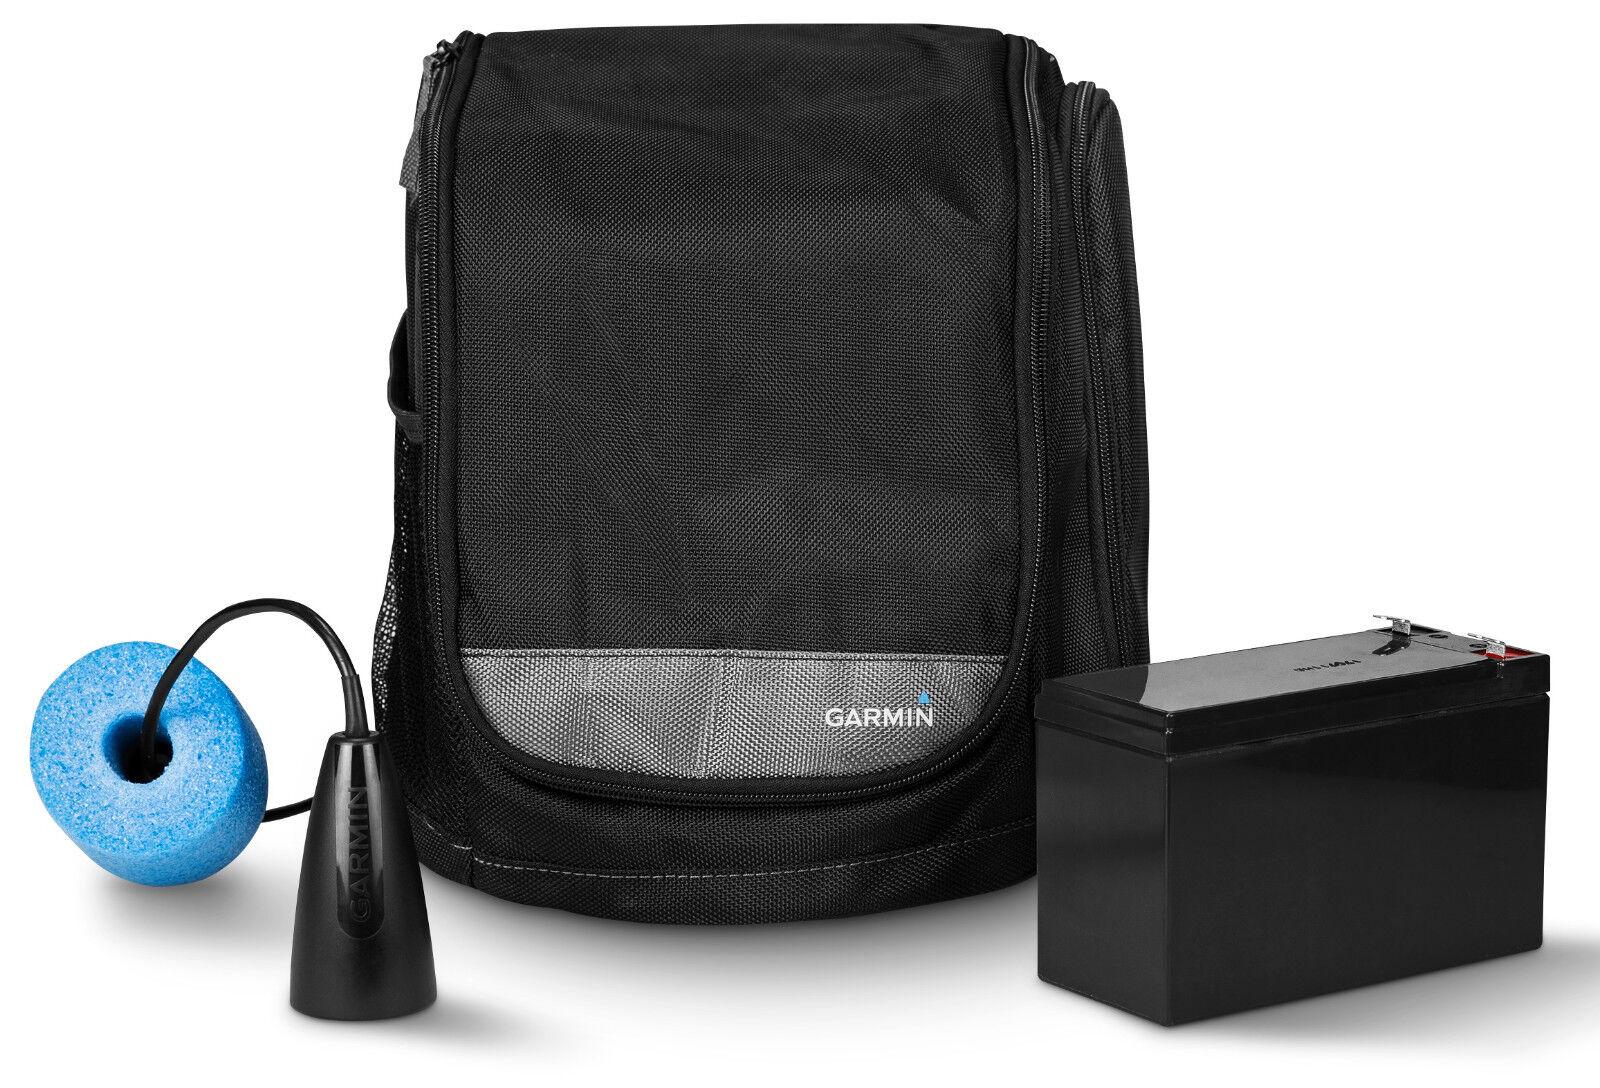 Nuevo Kit portátil Garmin pequeña con GT8HW-IF transductor de Pesca de Hielo 010-12462-10